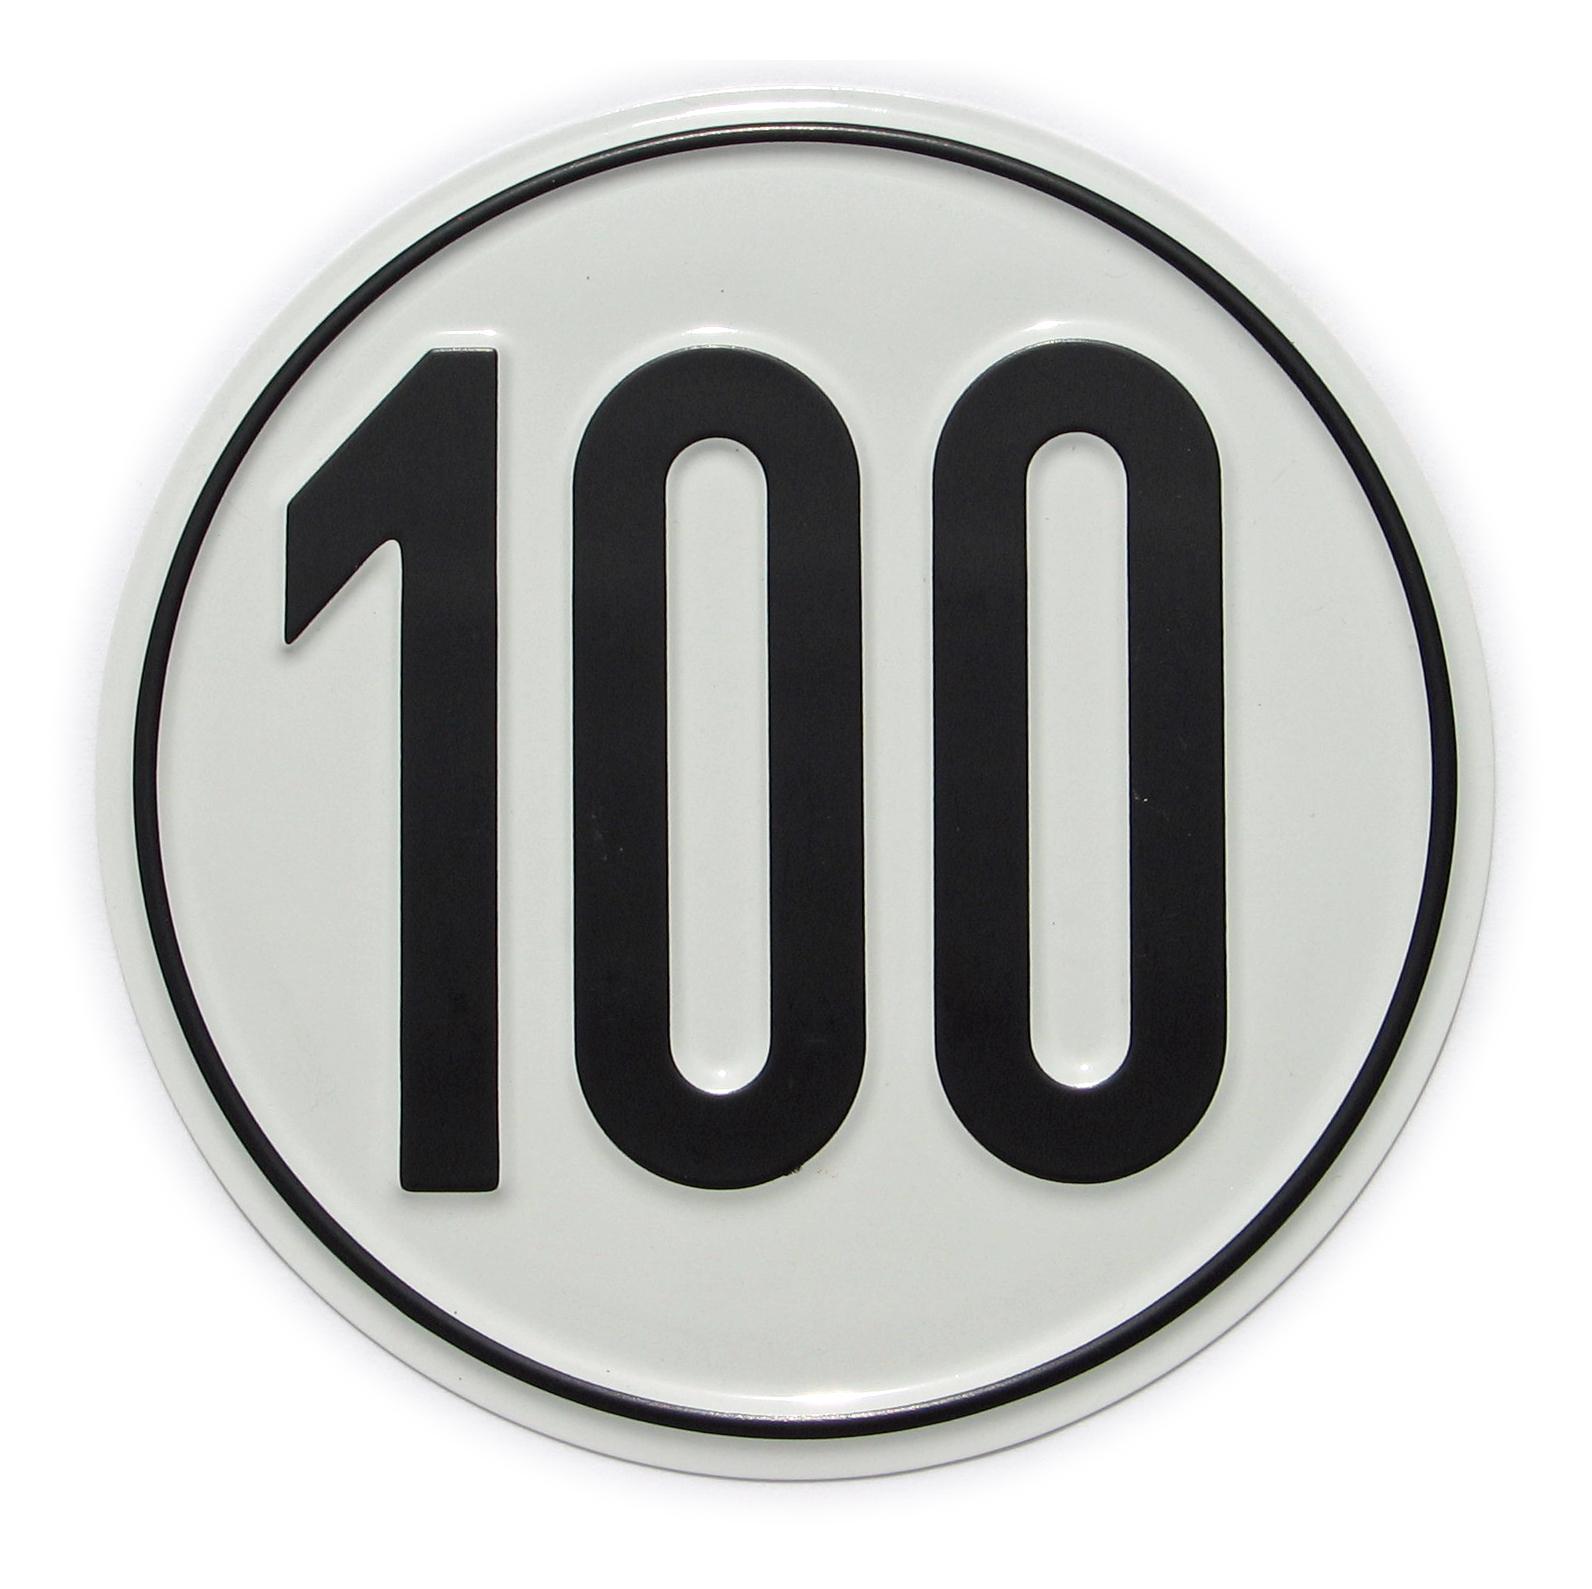 Vorschaubild für Geschwindigkeits-Schild 100 km/h